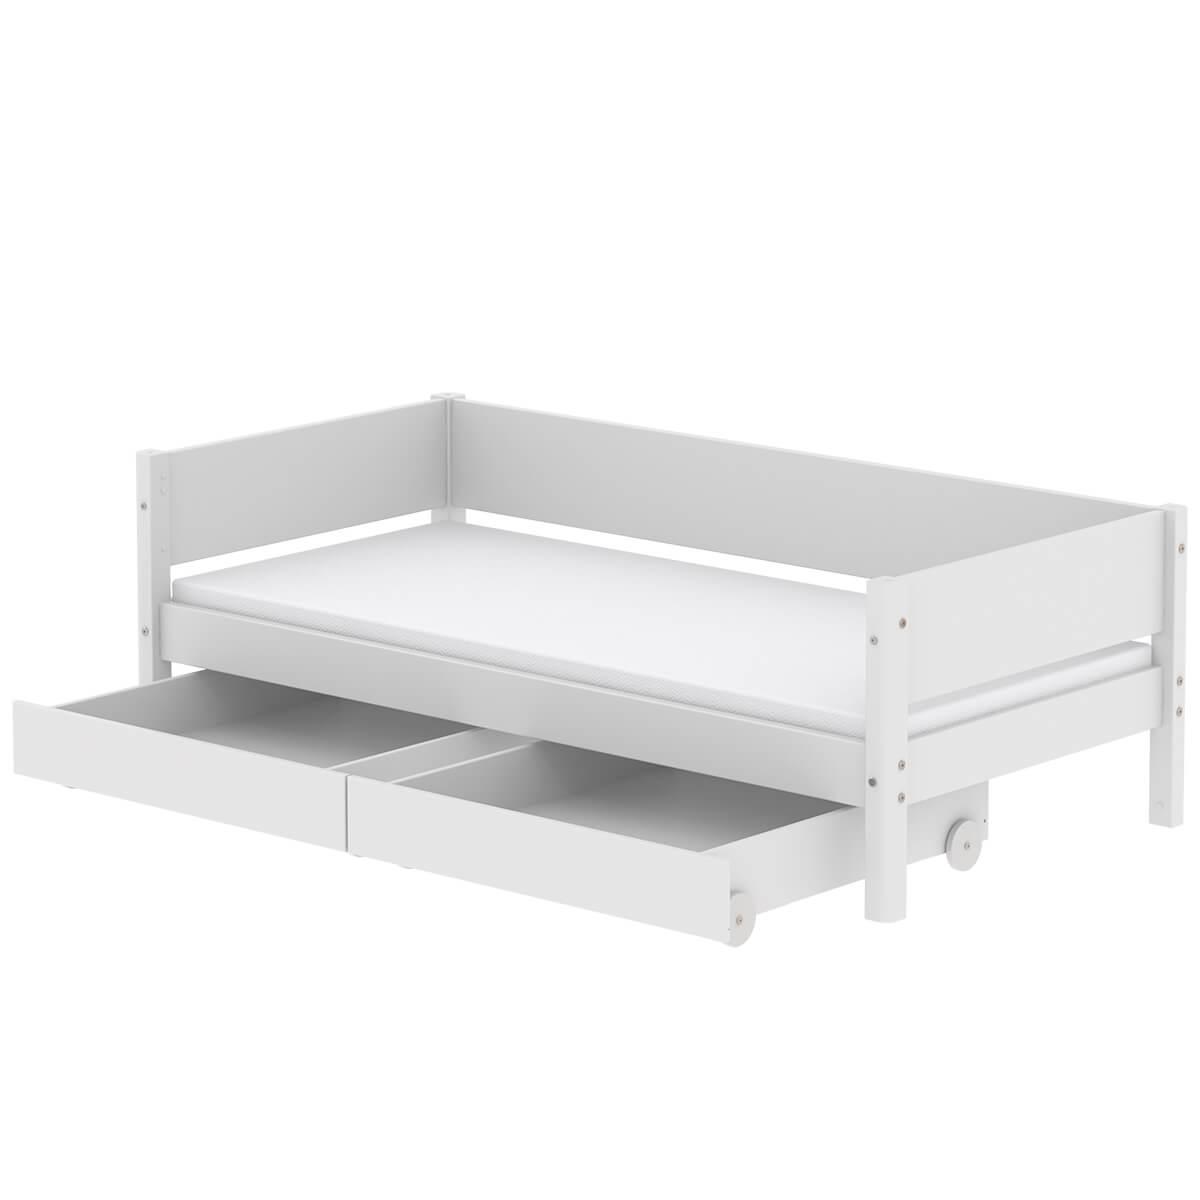 Kinderbett 90x190cm 2 Schubladen WHITE Flexa weiß